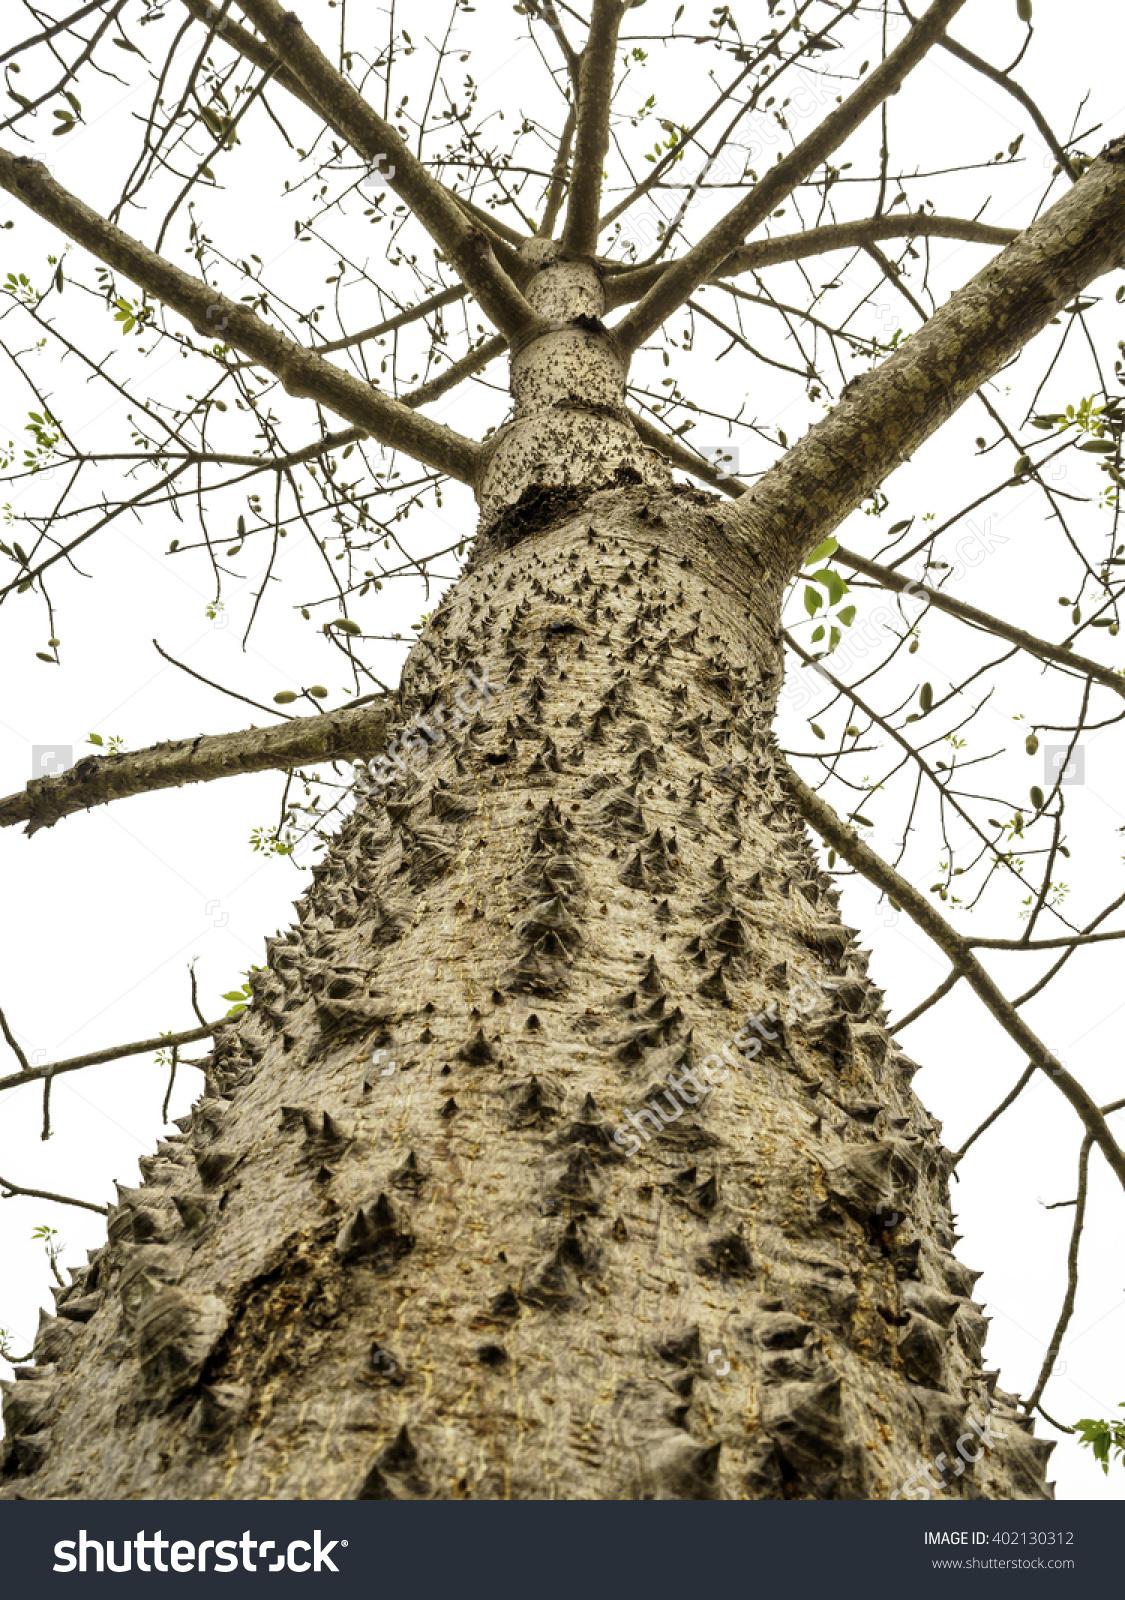 Giant Tree Thorny Trunk Bombax Ceiba Stock Photo 402130312.